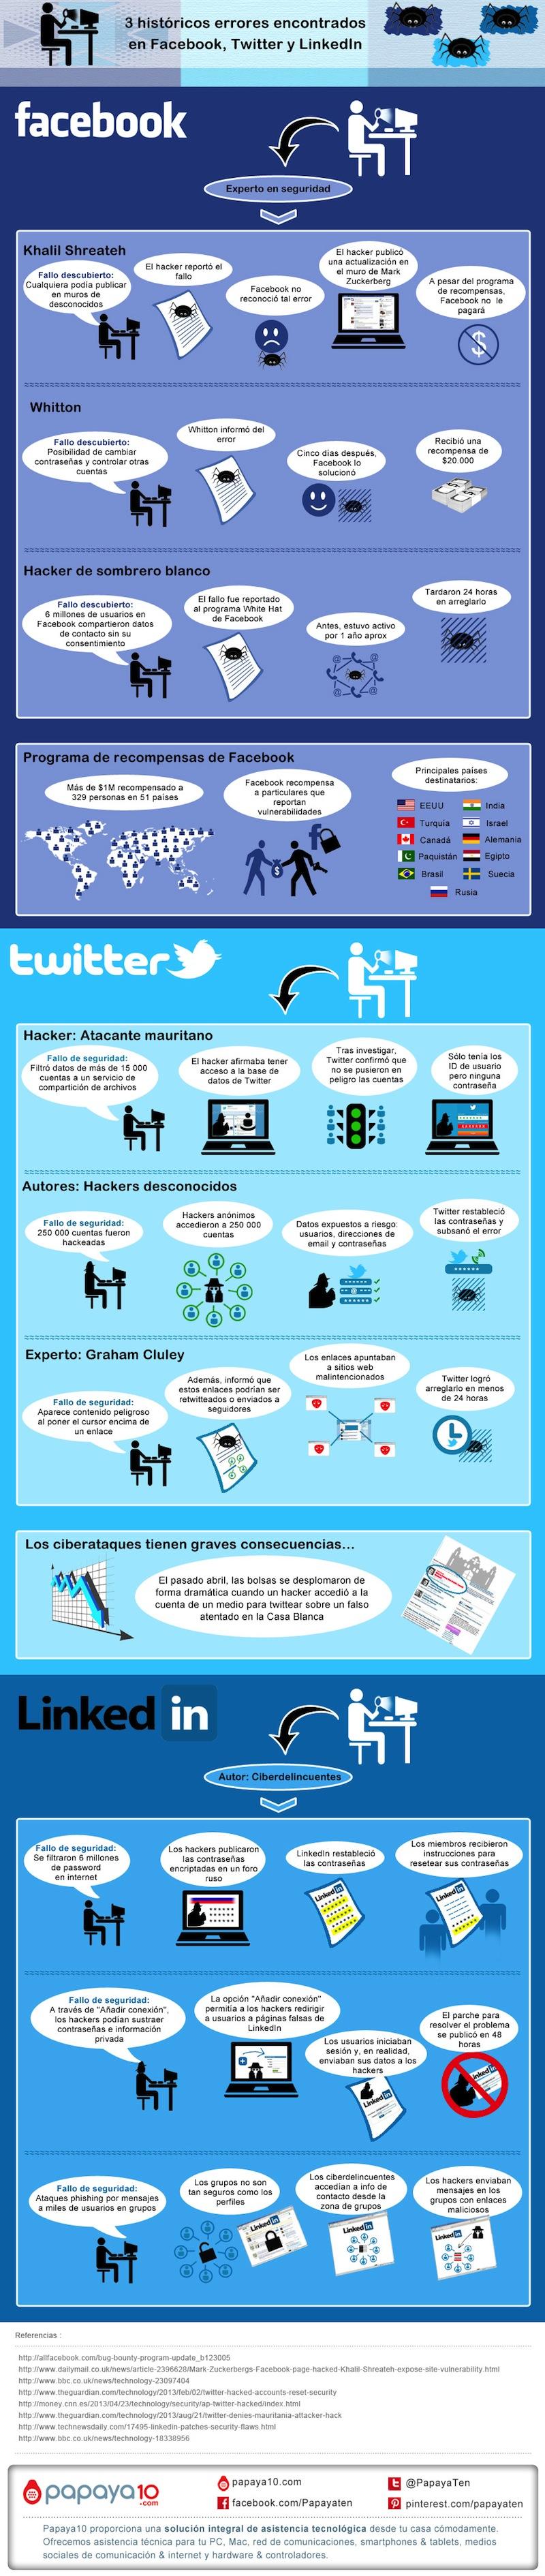 Los errores de seguridad más sonados de las redes sociales - 3-historicos-errores-encontrados-en-facebook-twitter-linkedin